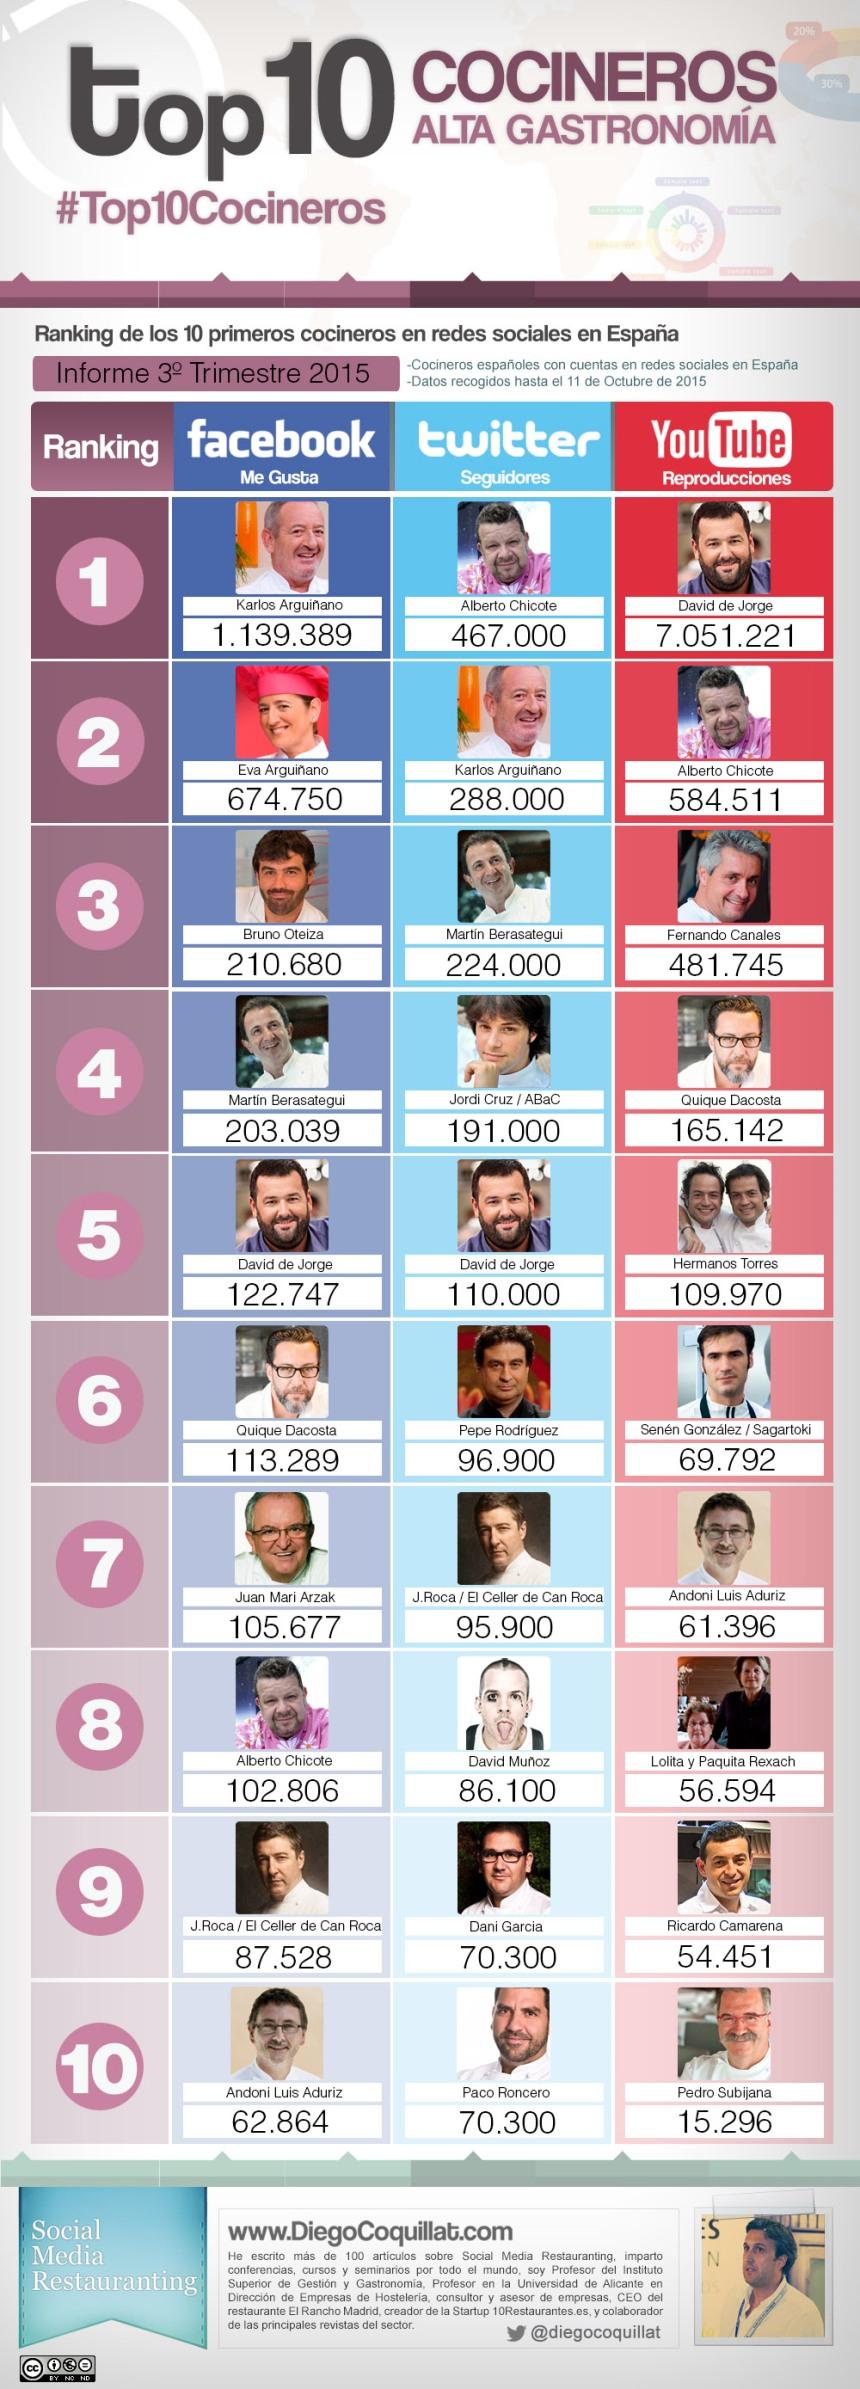 Top 10 cocineros en Redes Sociales (España 3T/2015)